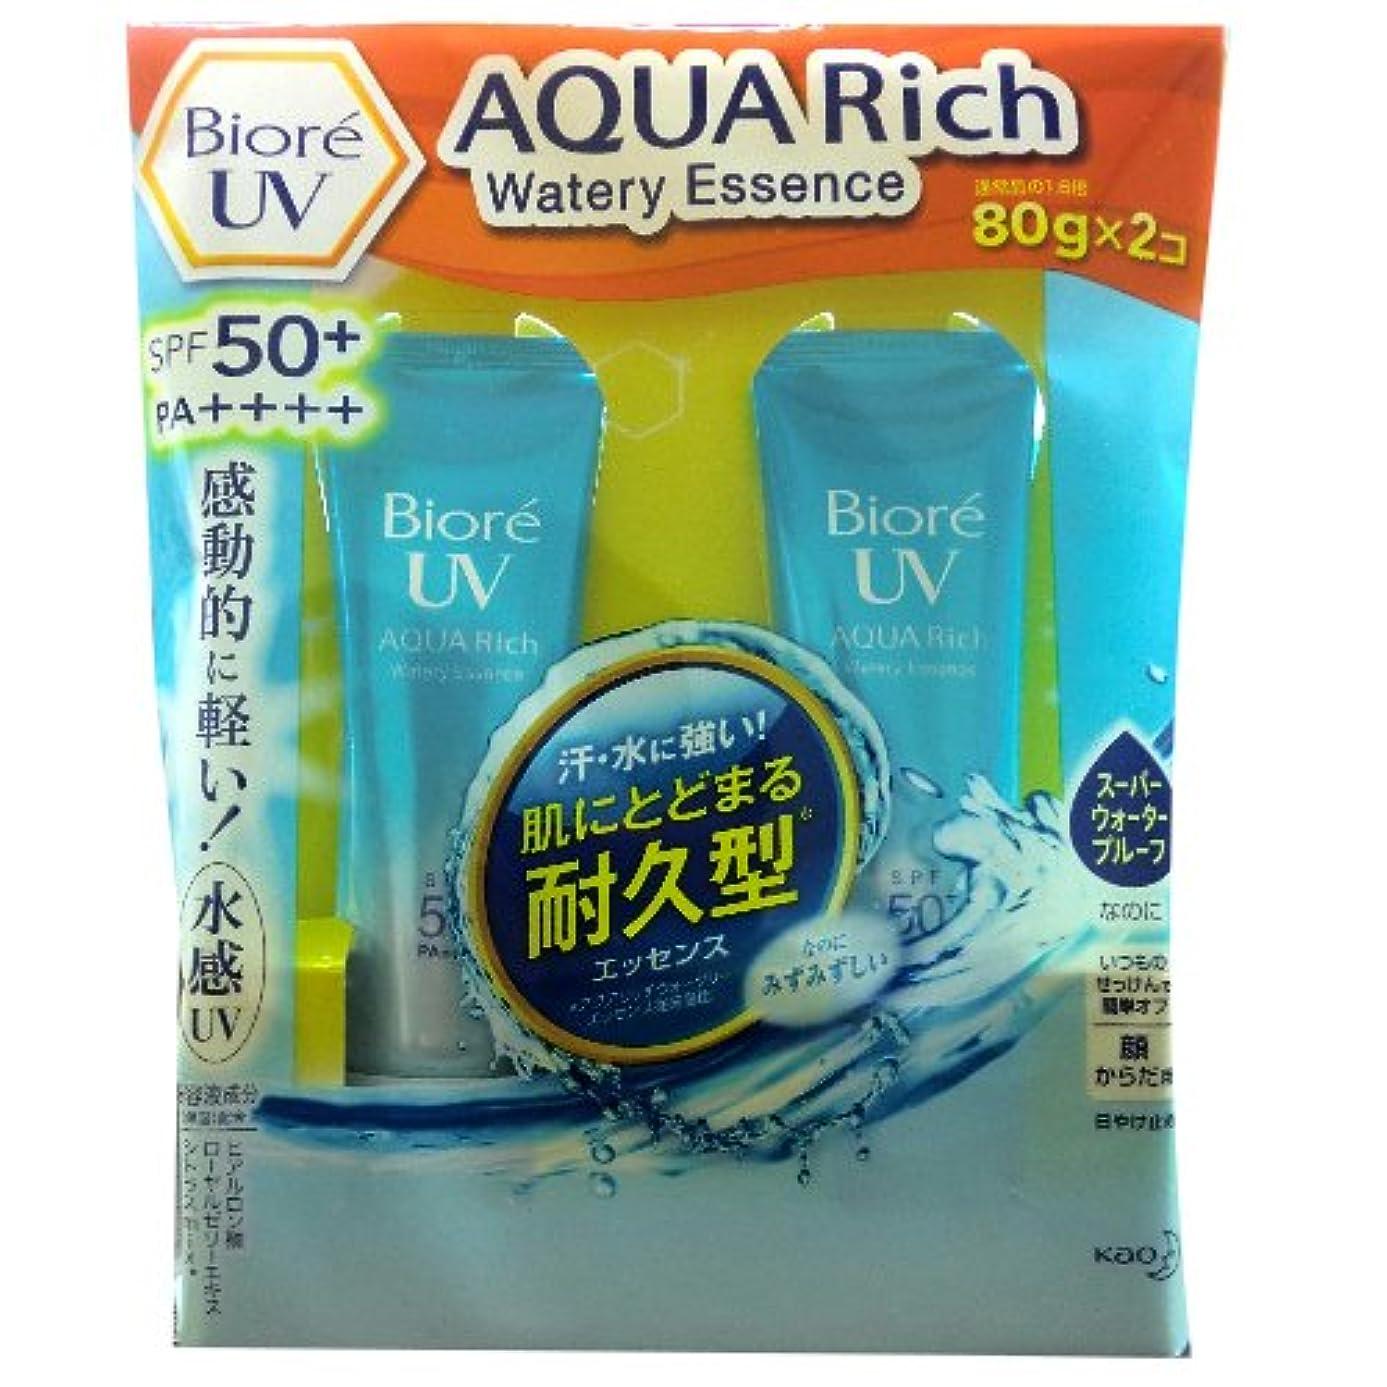 レジデンス航海ガムBiore UV AQUA Rich Watery Essence 80g×2コ